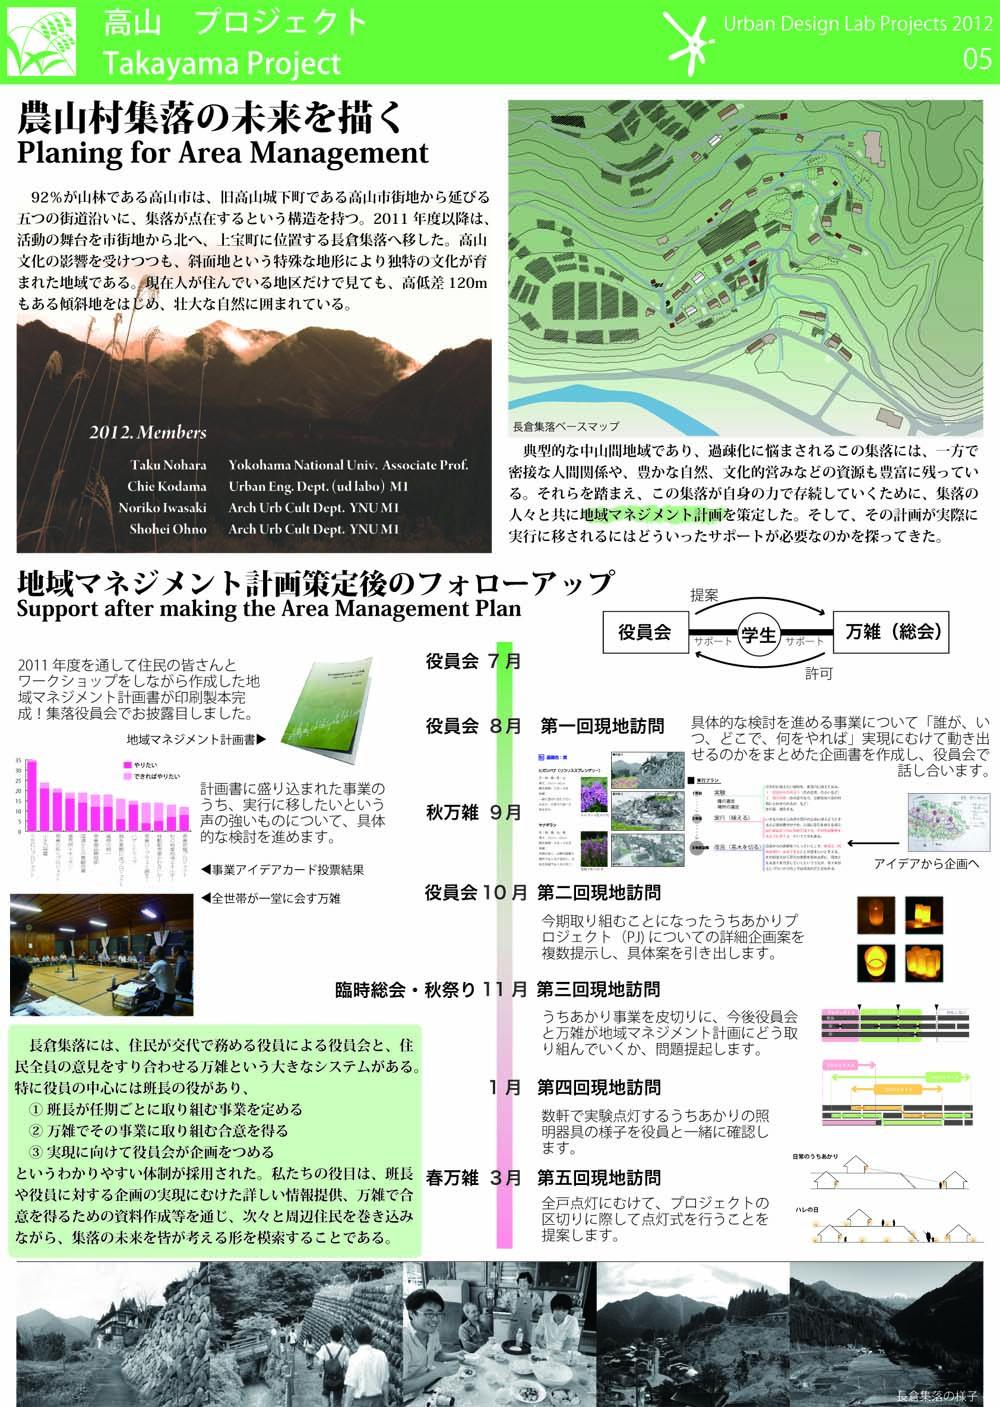 takayama2012.jpg